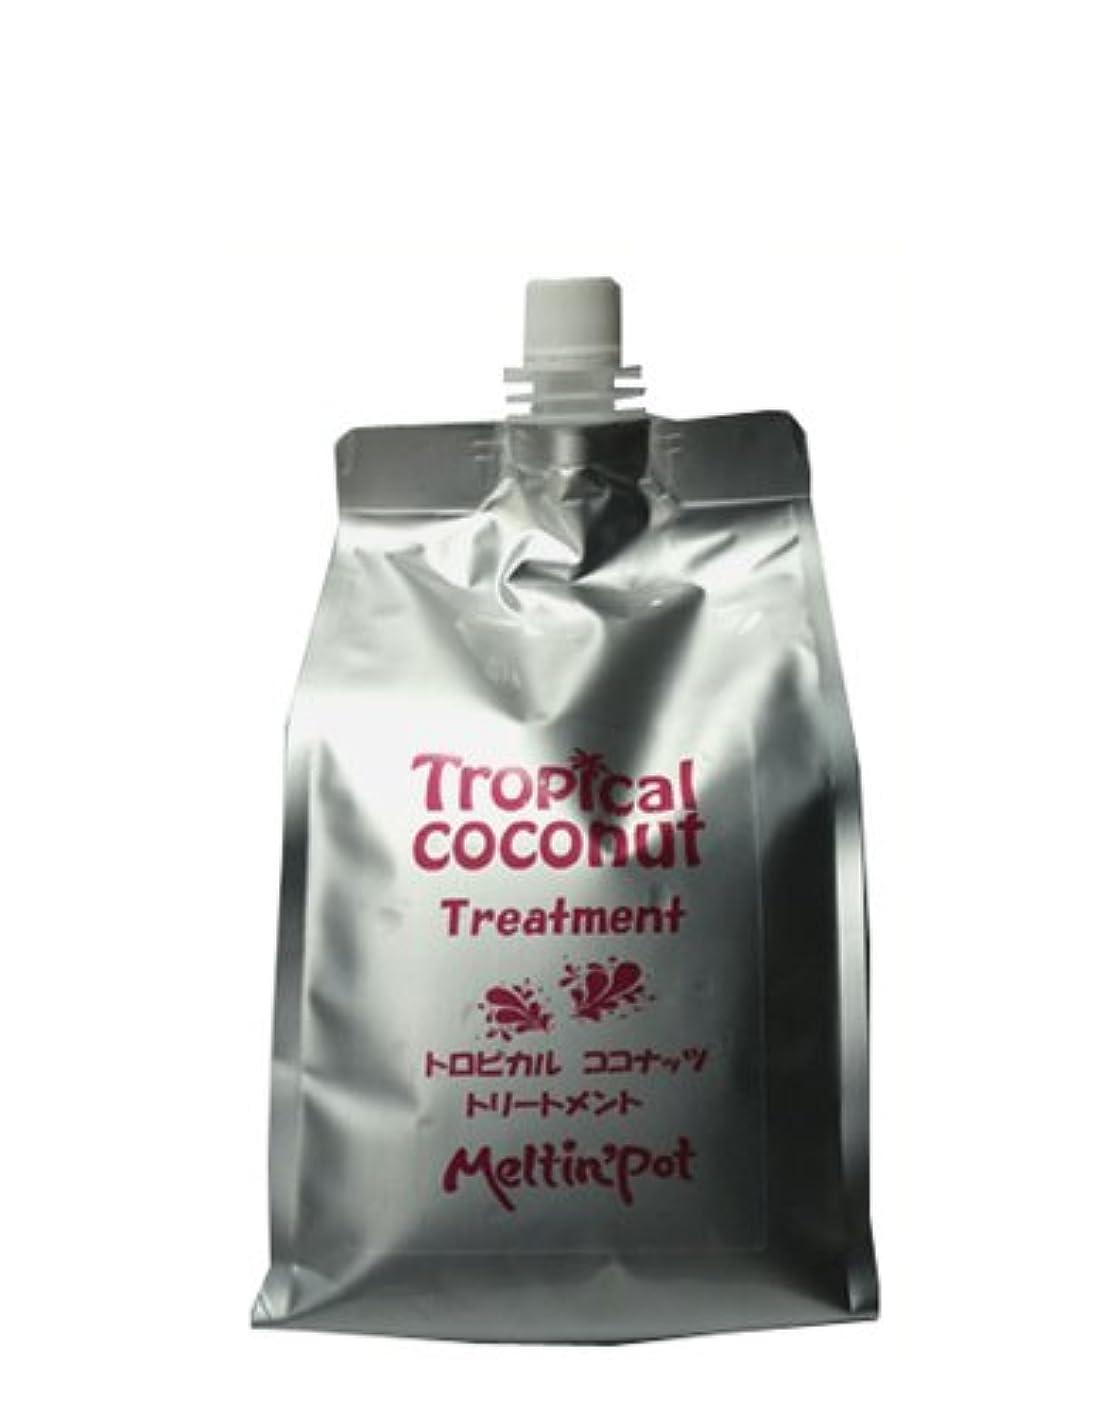 ラッププラスディレクトリトロピカルココナッツ トリートメント 詰め替え 1000ml  Tropical coconut treatment